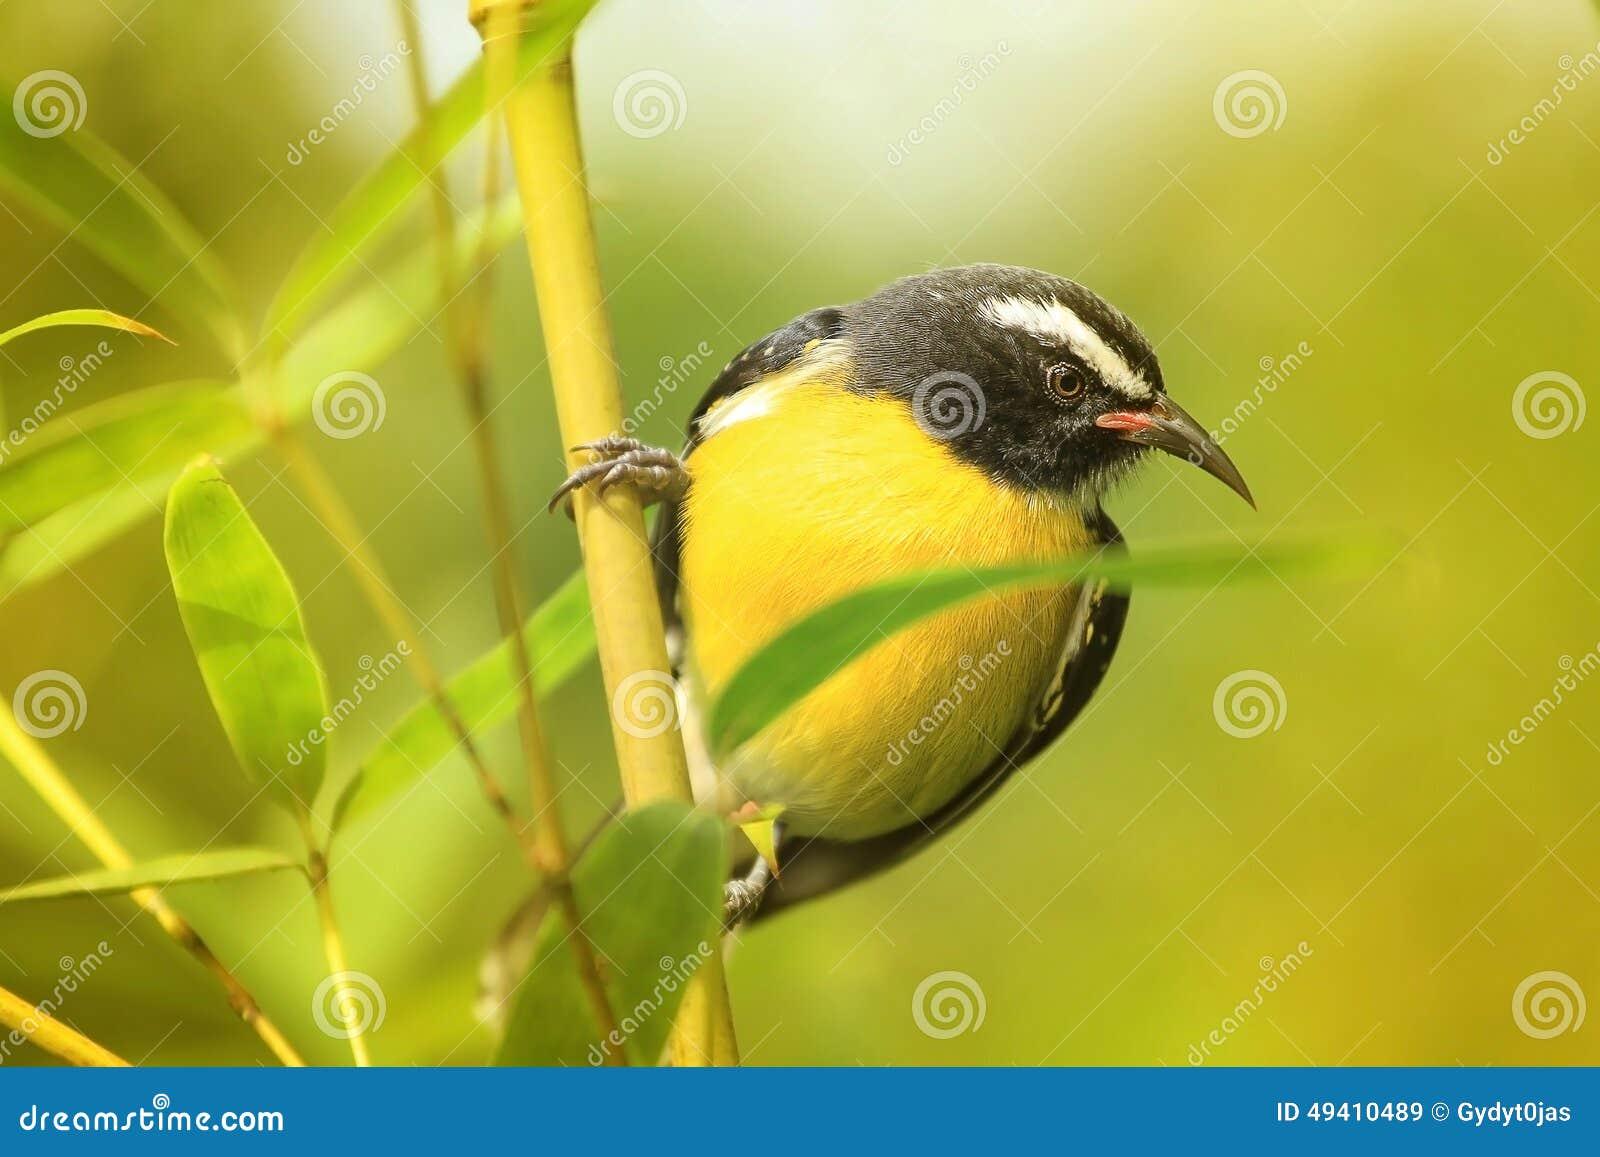 Download Bananaquit stockbild. Bild von antillen, aufsatz, vogel - 49410489